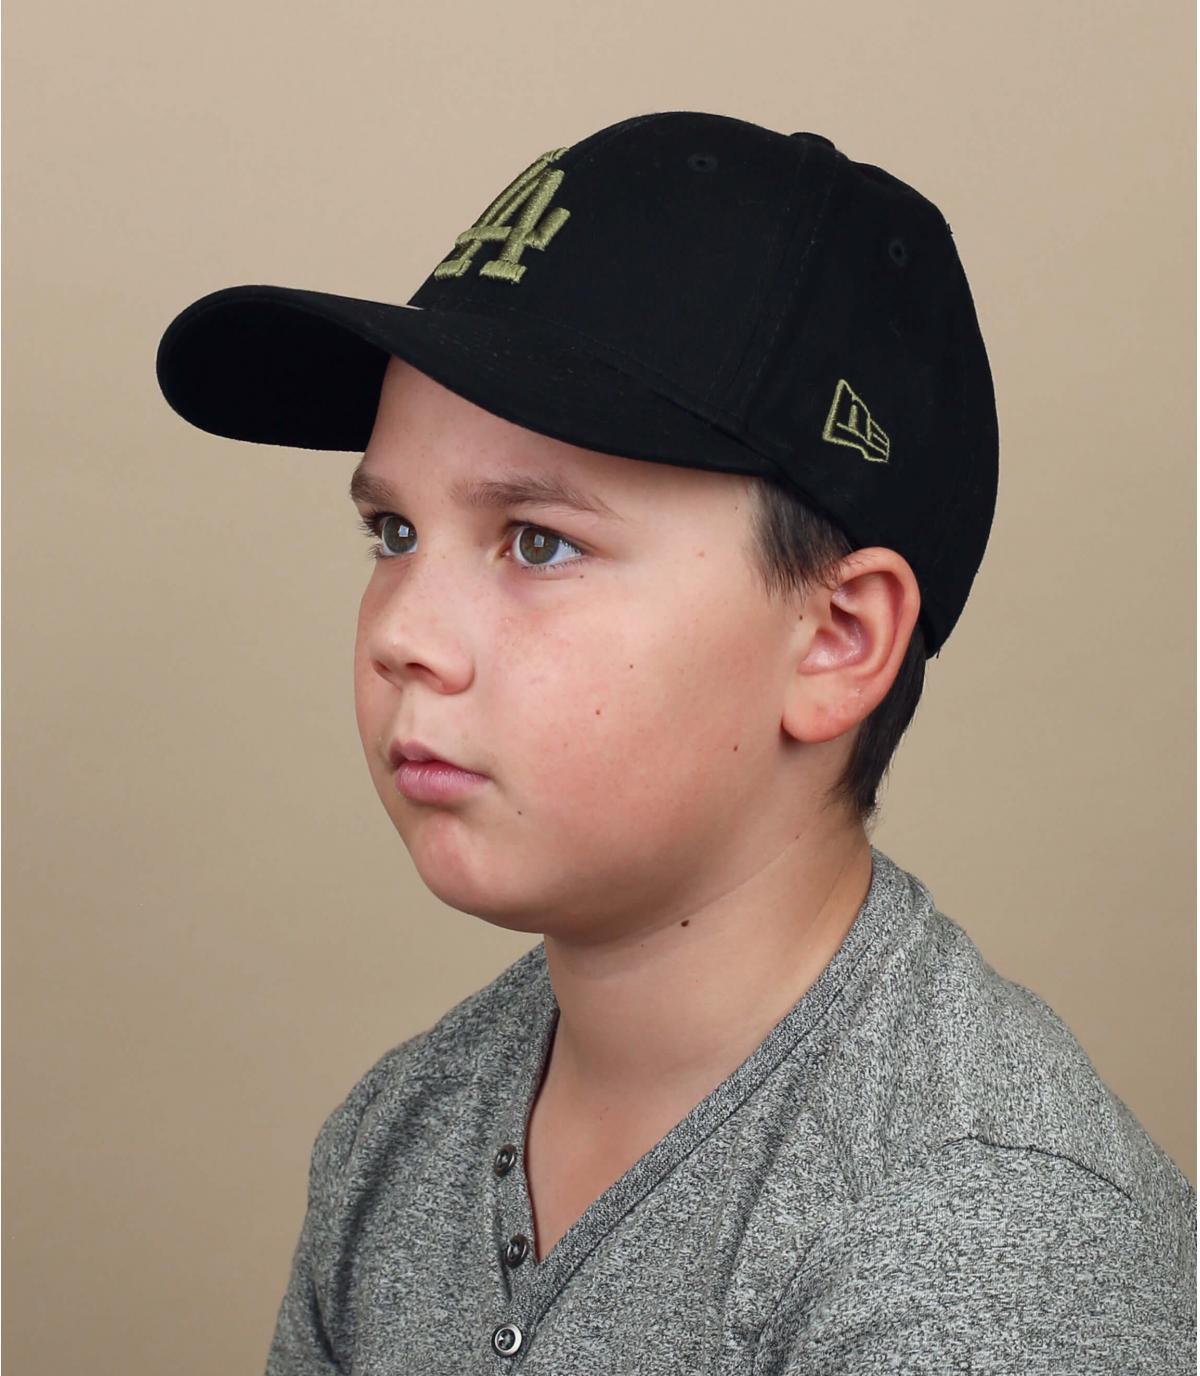 casquette enfant LA noir